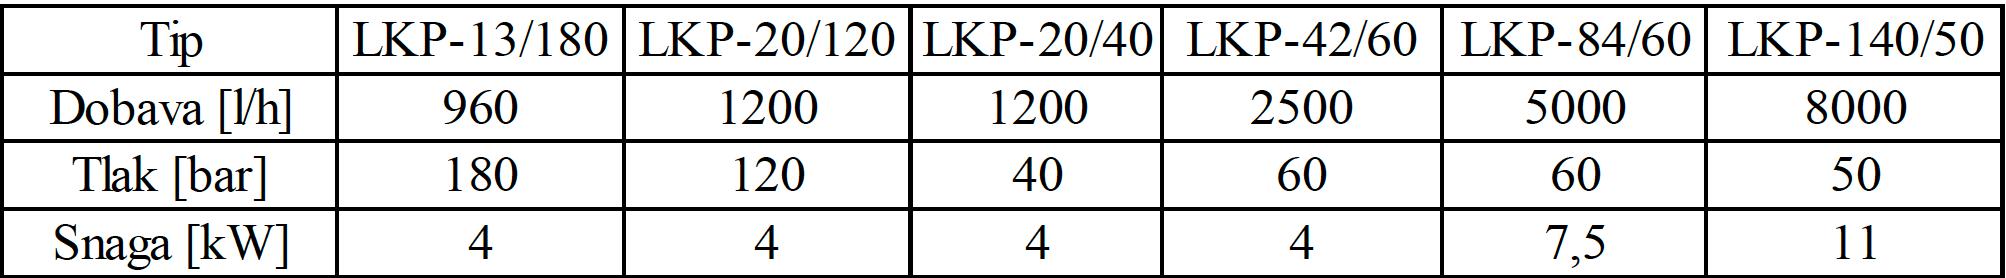 LKP 003 tablica 1